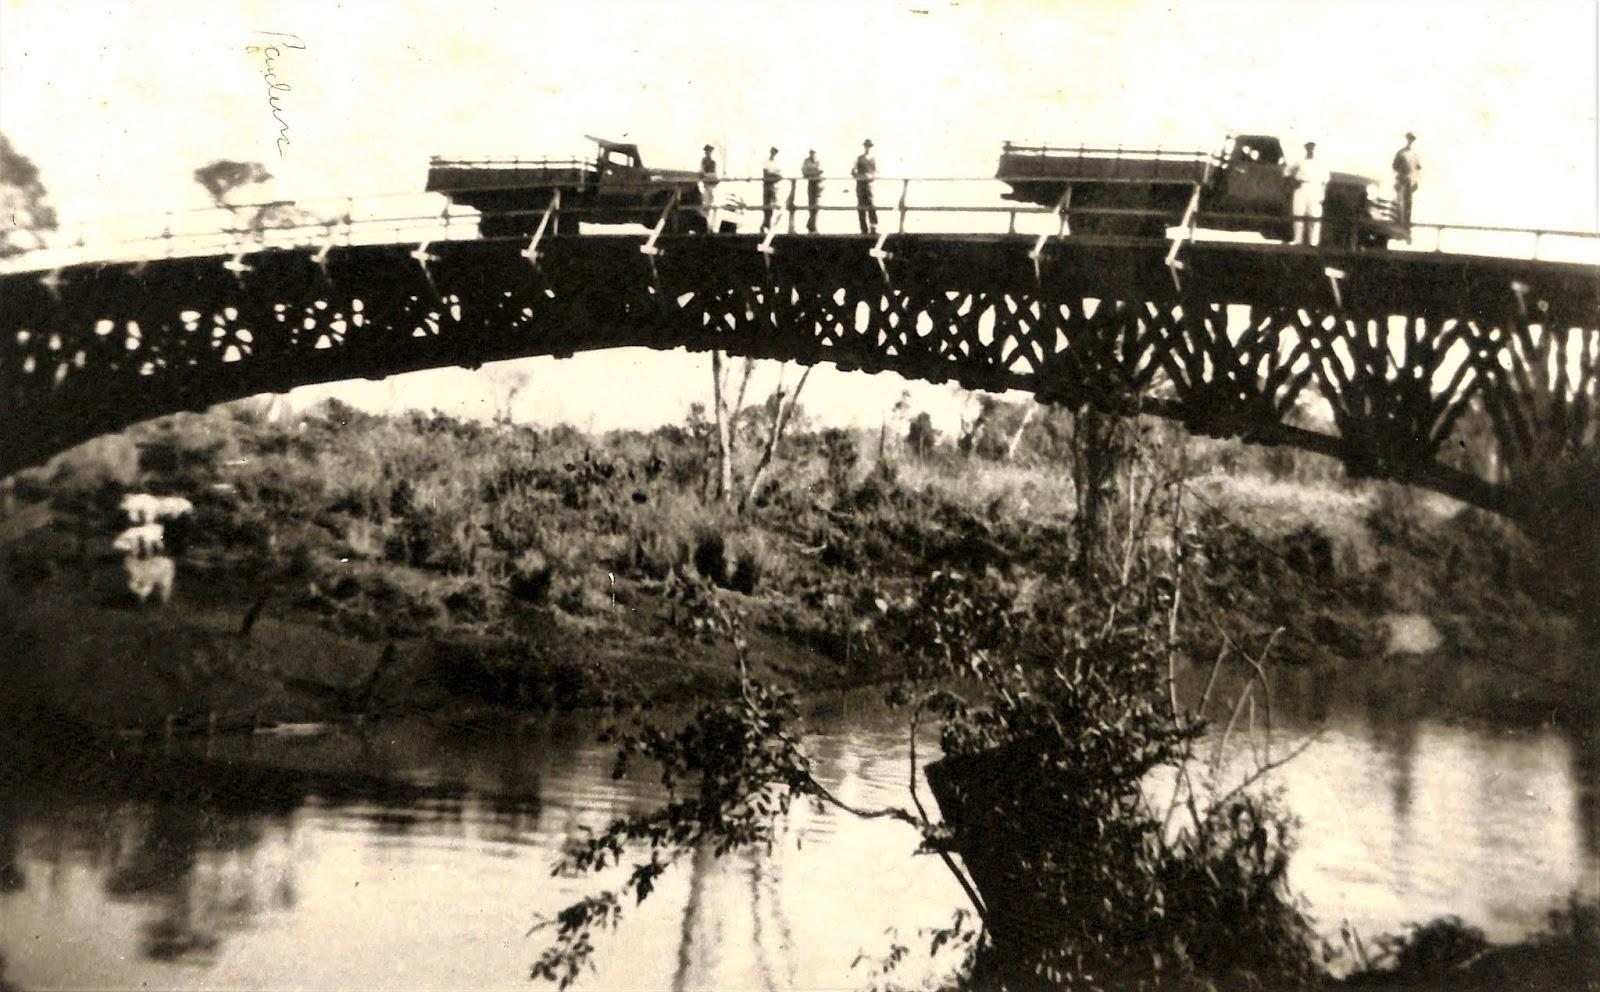 Ponte sobre o rio Pirapó - Final dos anos 1940